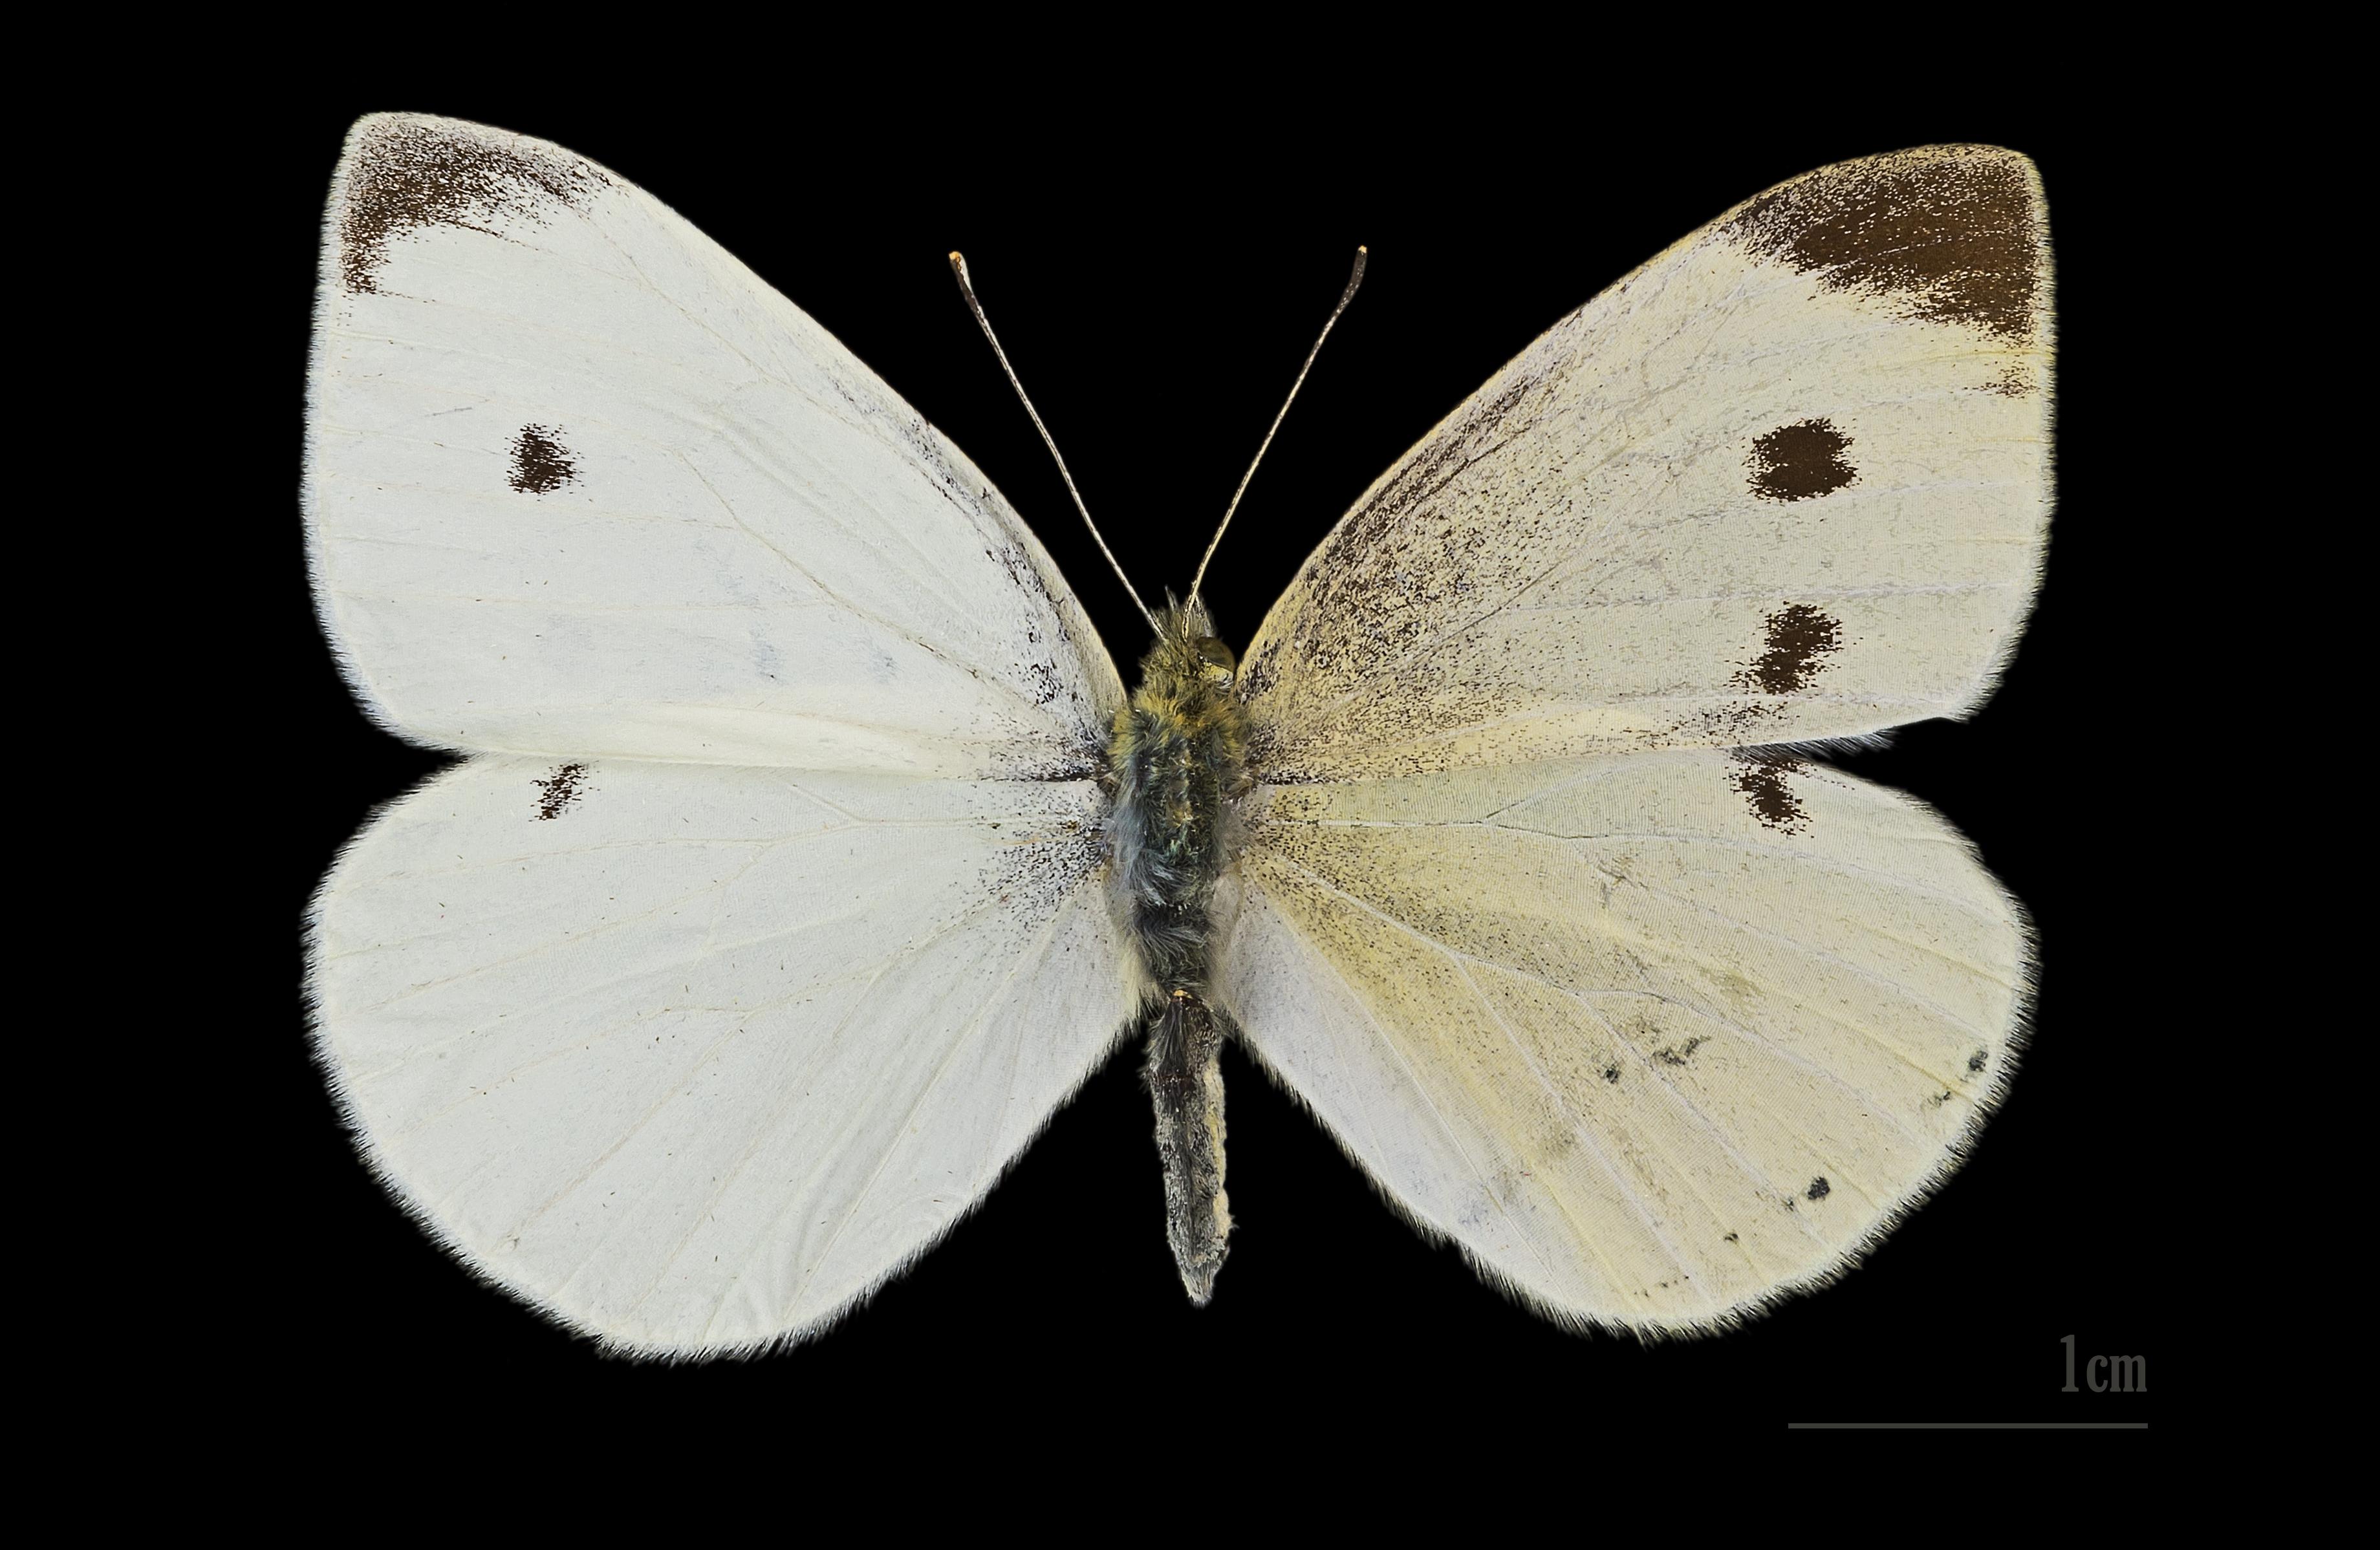 Schmetterlinge 70 Mio. Jahre älter als gedacht – science.ORF.at